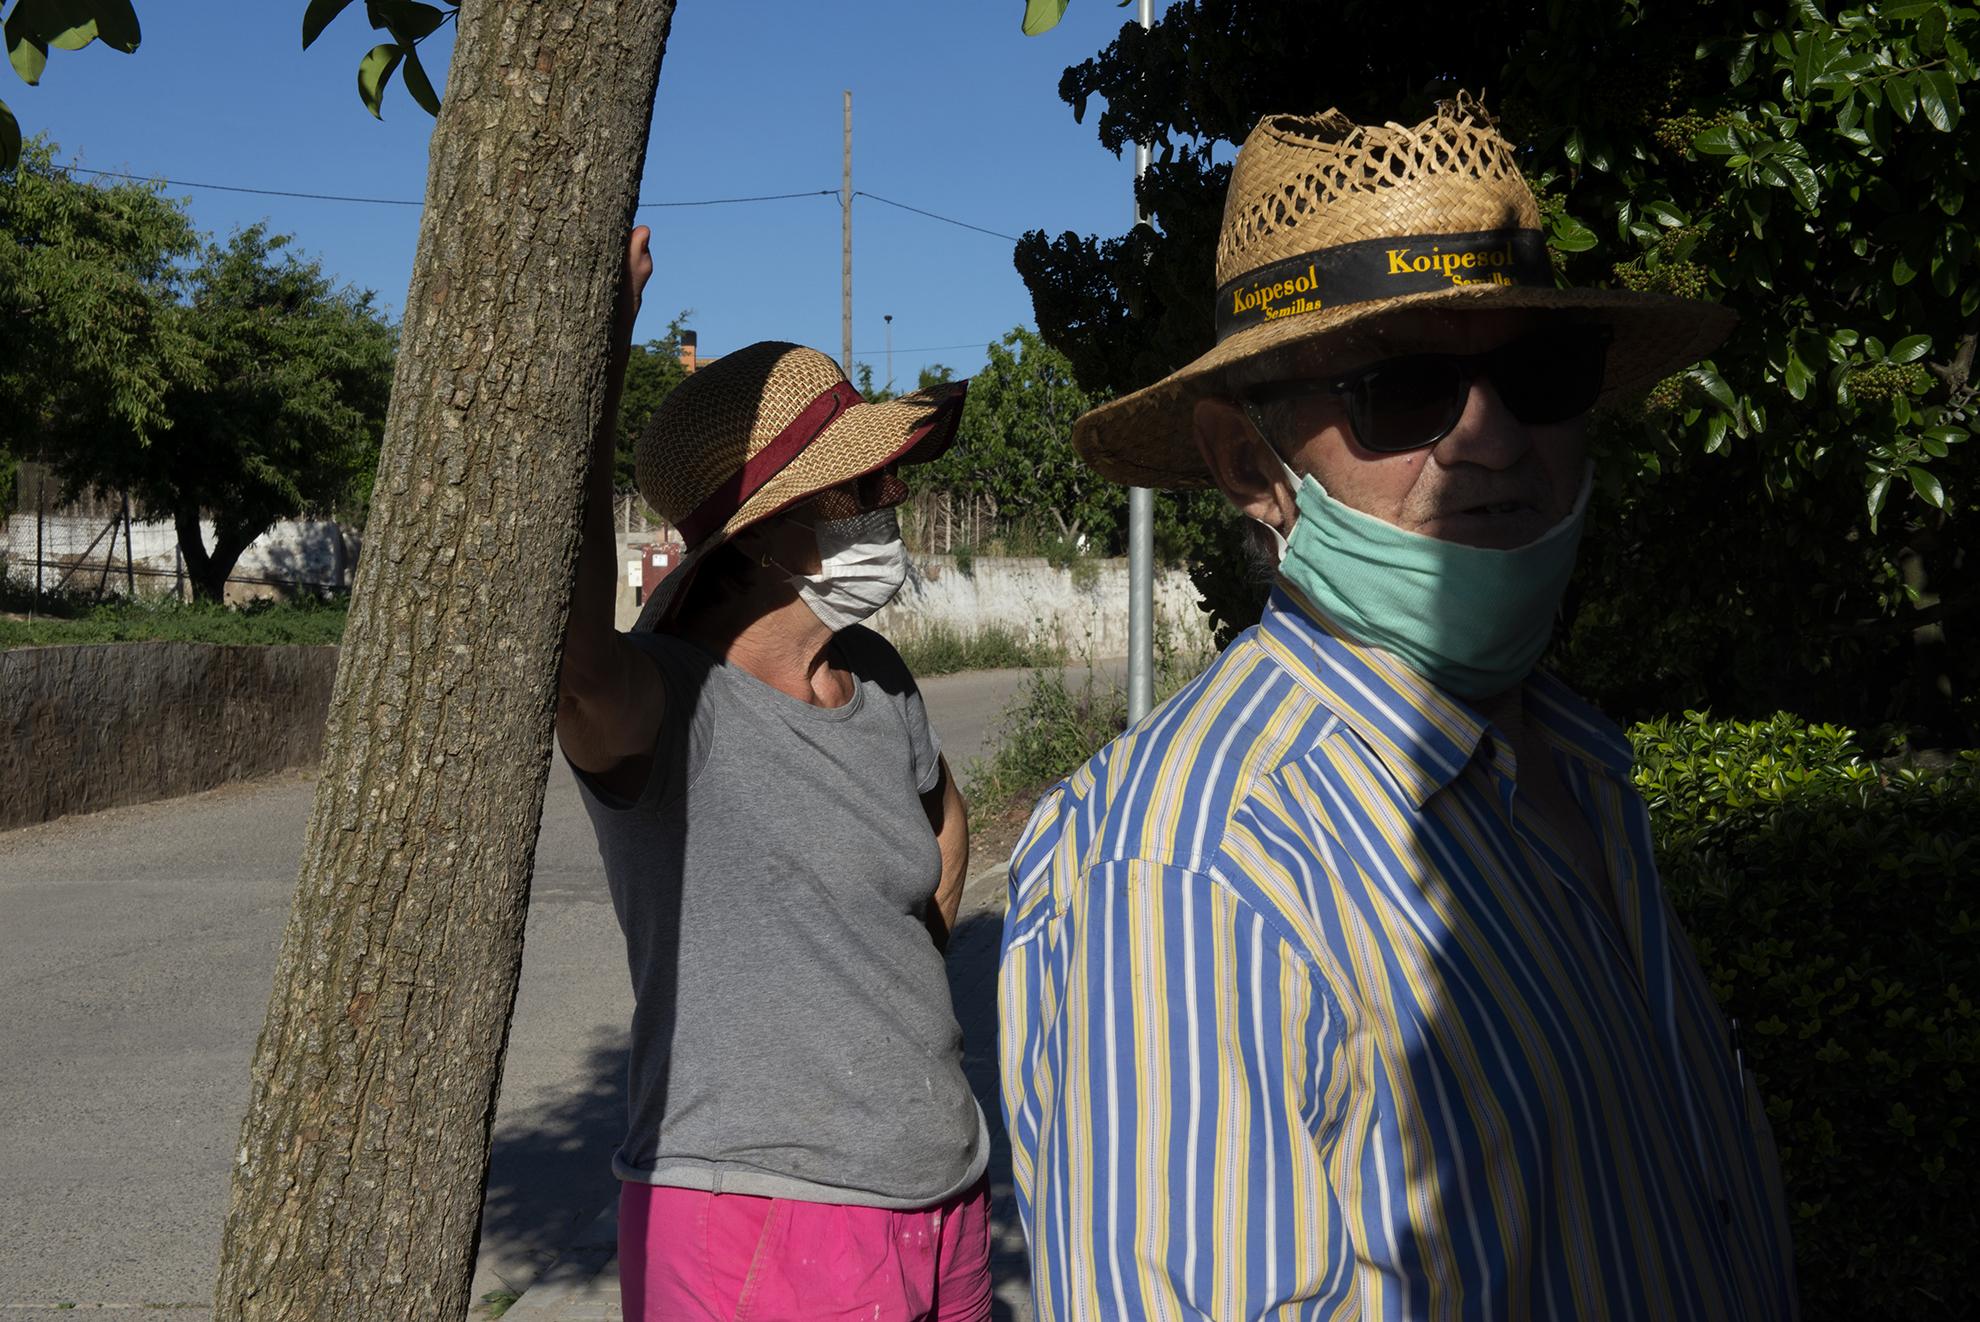 José Luis y Patro regresan a casa tras haber pasado la tarde trabajando en el huerto. Usan las mascarillas para cruzar el pueblo tal y como han recomendado las autoridades sanitarias aunque en Altorricón no hay aglomeraciones.